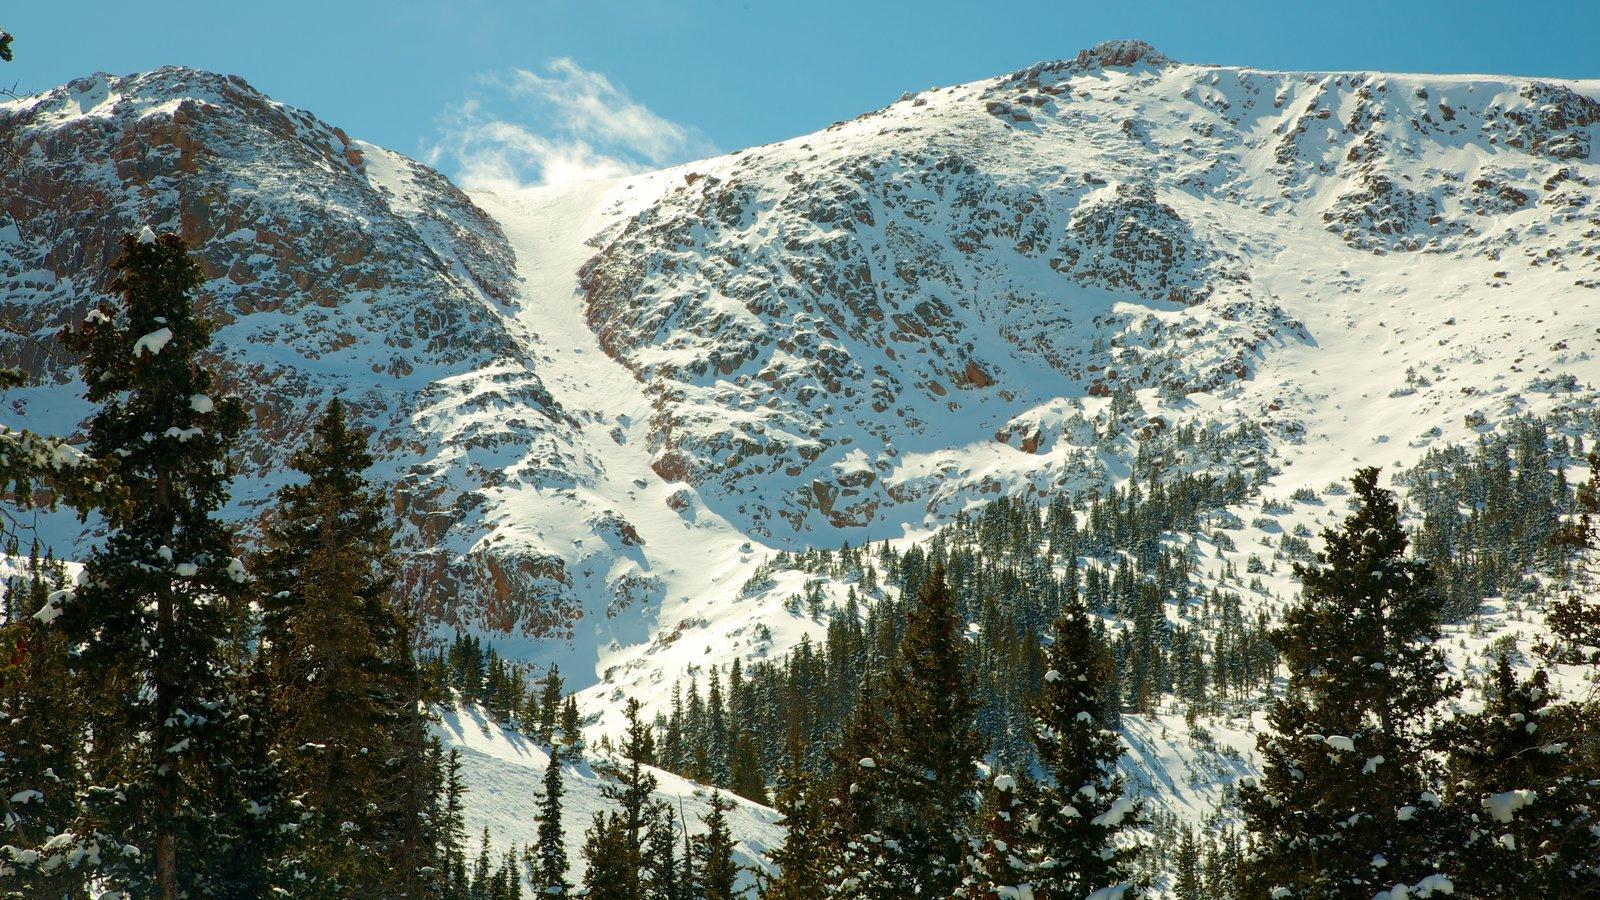 Pikes Peak que inclui cenas de floresta, montanhas e paisagem